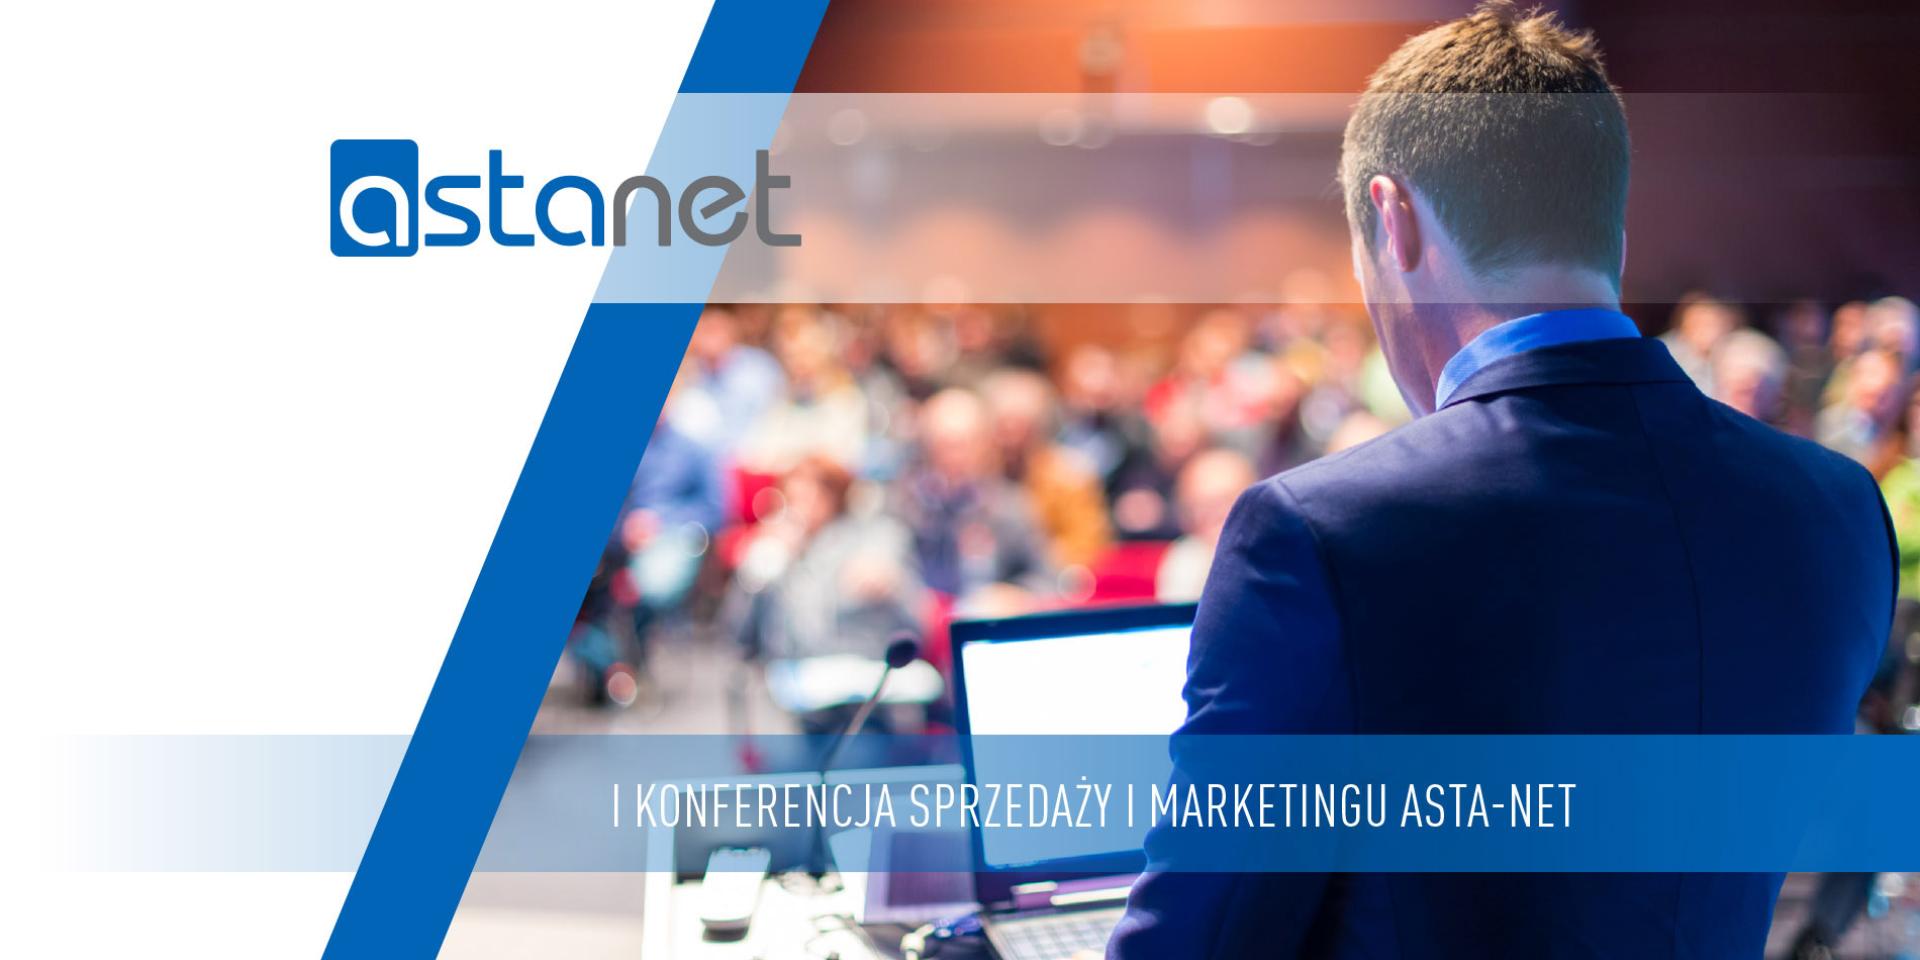 Zaprojektowaliśmy szereg materiałów na I Konferencję Sprzedaży i Marketingu ASTA-NET - spółki Grupy Asta, operatora telewizji kablowej, dostępu do internetu i telefonii stacjonarnej. Rozpoczęliśmy od projektu logo konferencji. Potem powstały zaproszenia oraz identyfikatory wraz z personalizacją dla wszystkich uczestników. Stworzyliśmy też layout i slajdy prezentacji dla panelistów.